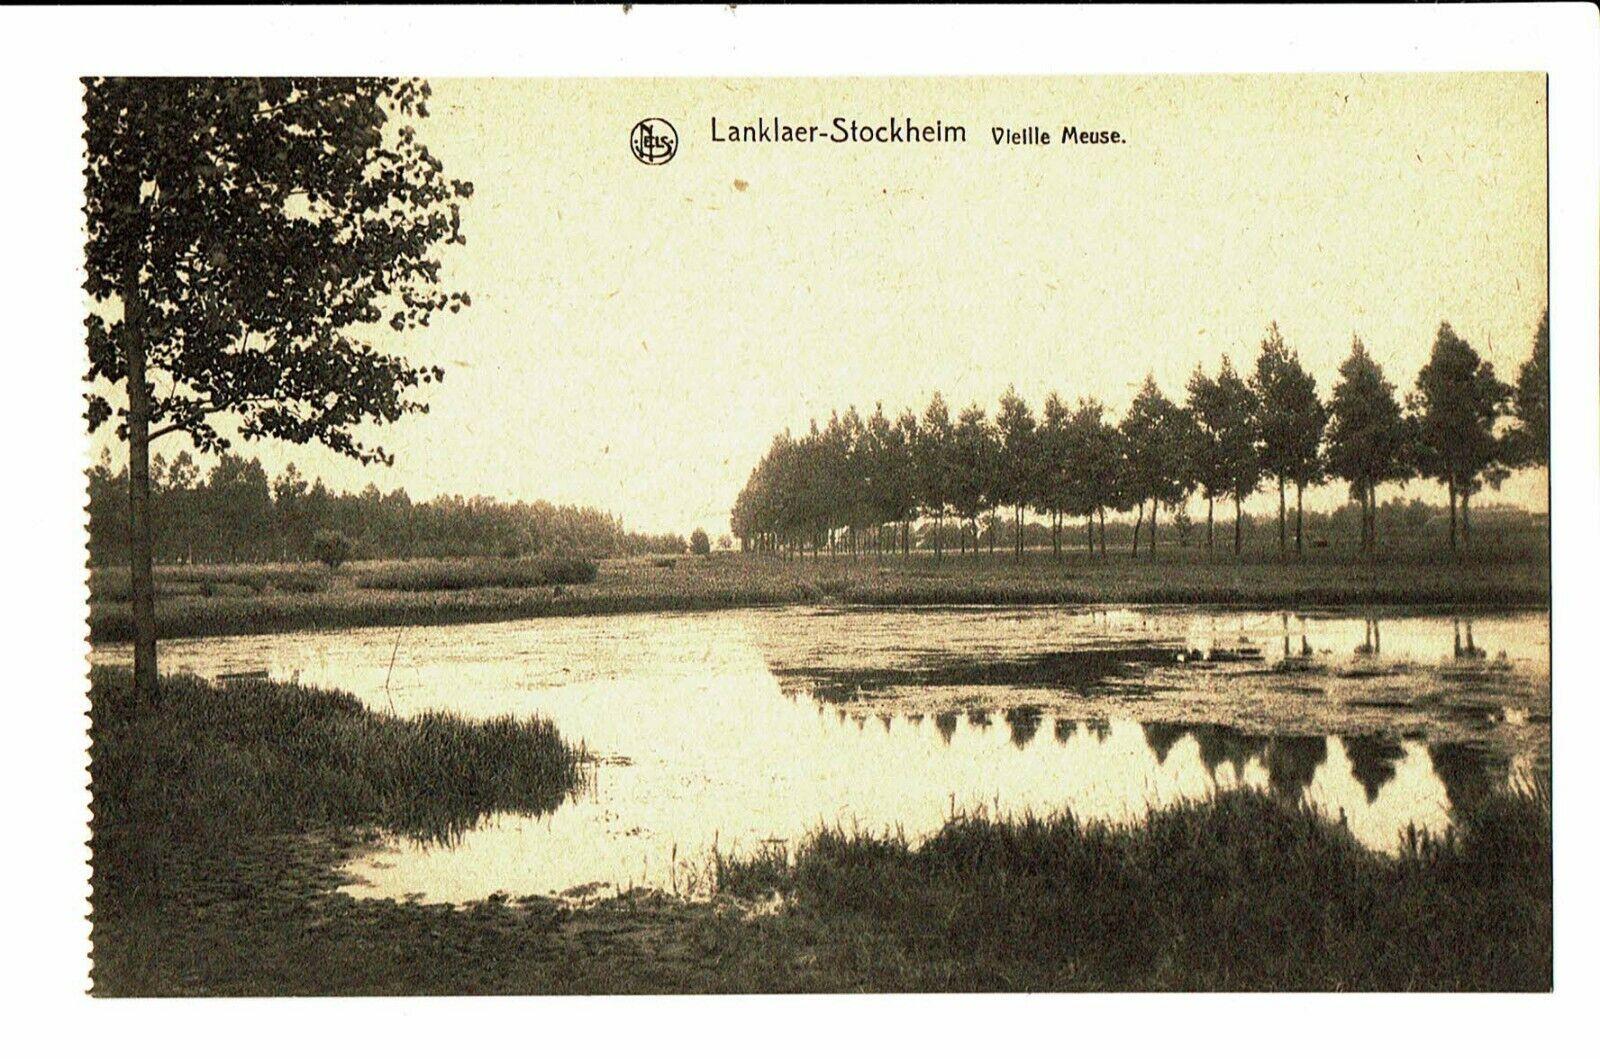 CPA - Carte postale-Belgique Lanklaer-Stockhelm Le hêtre noir renommé du Viervel